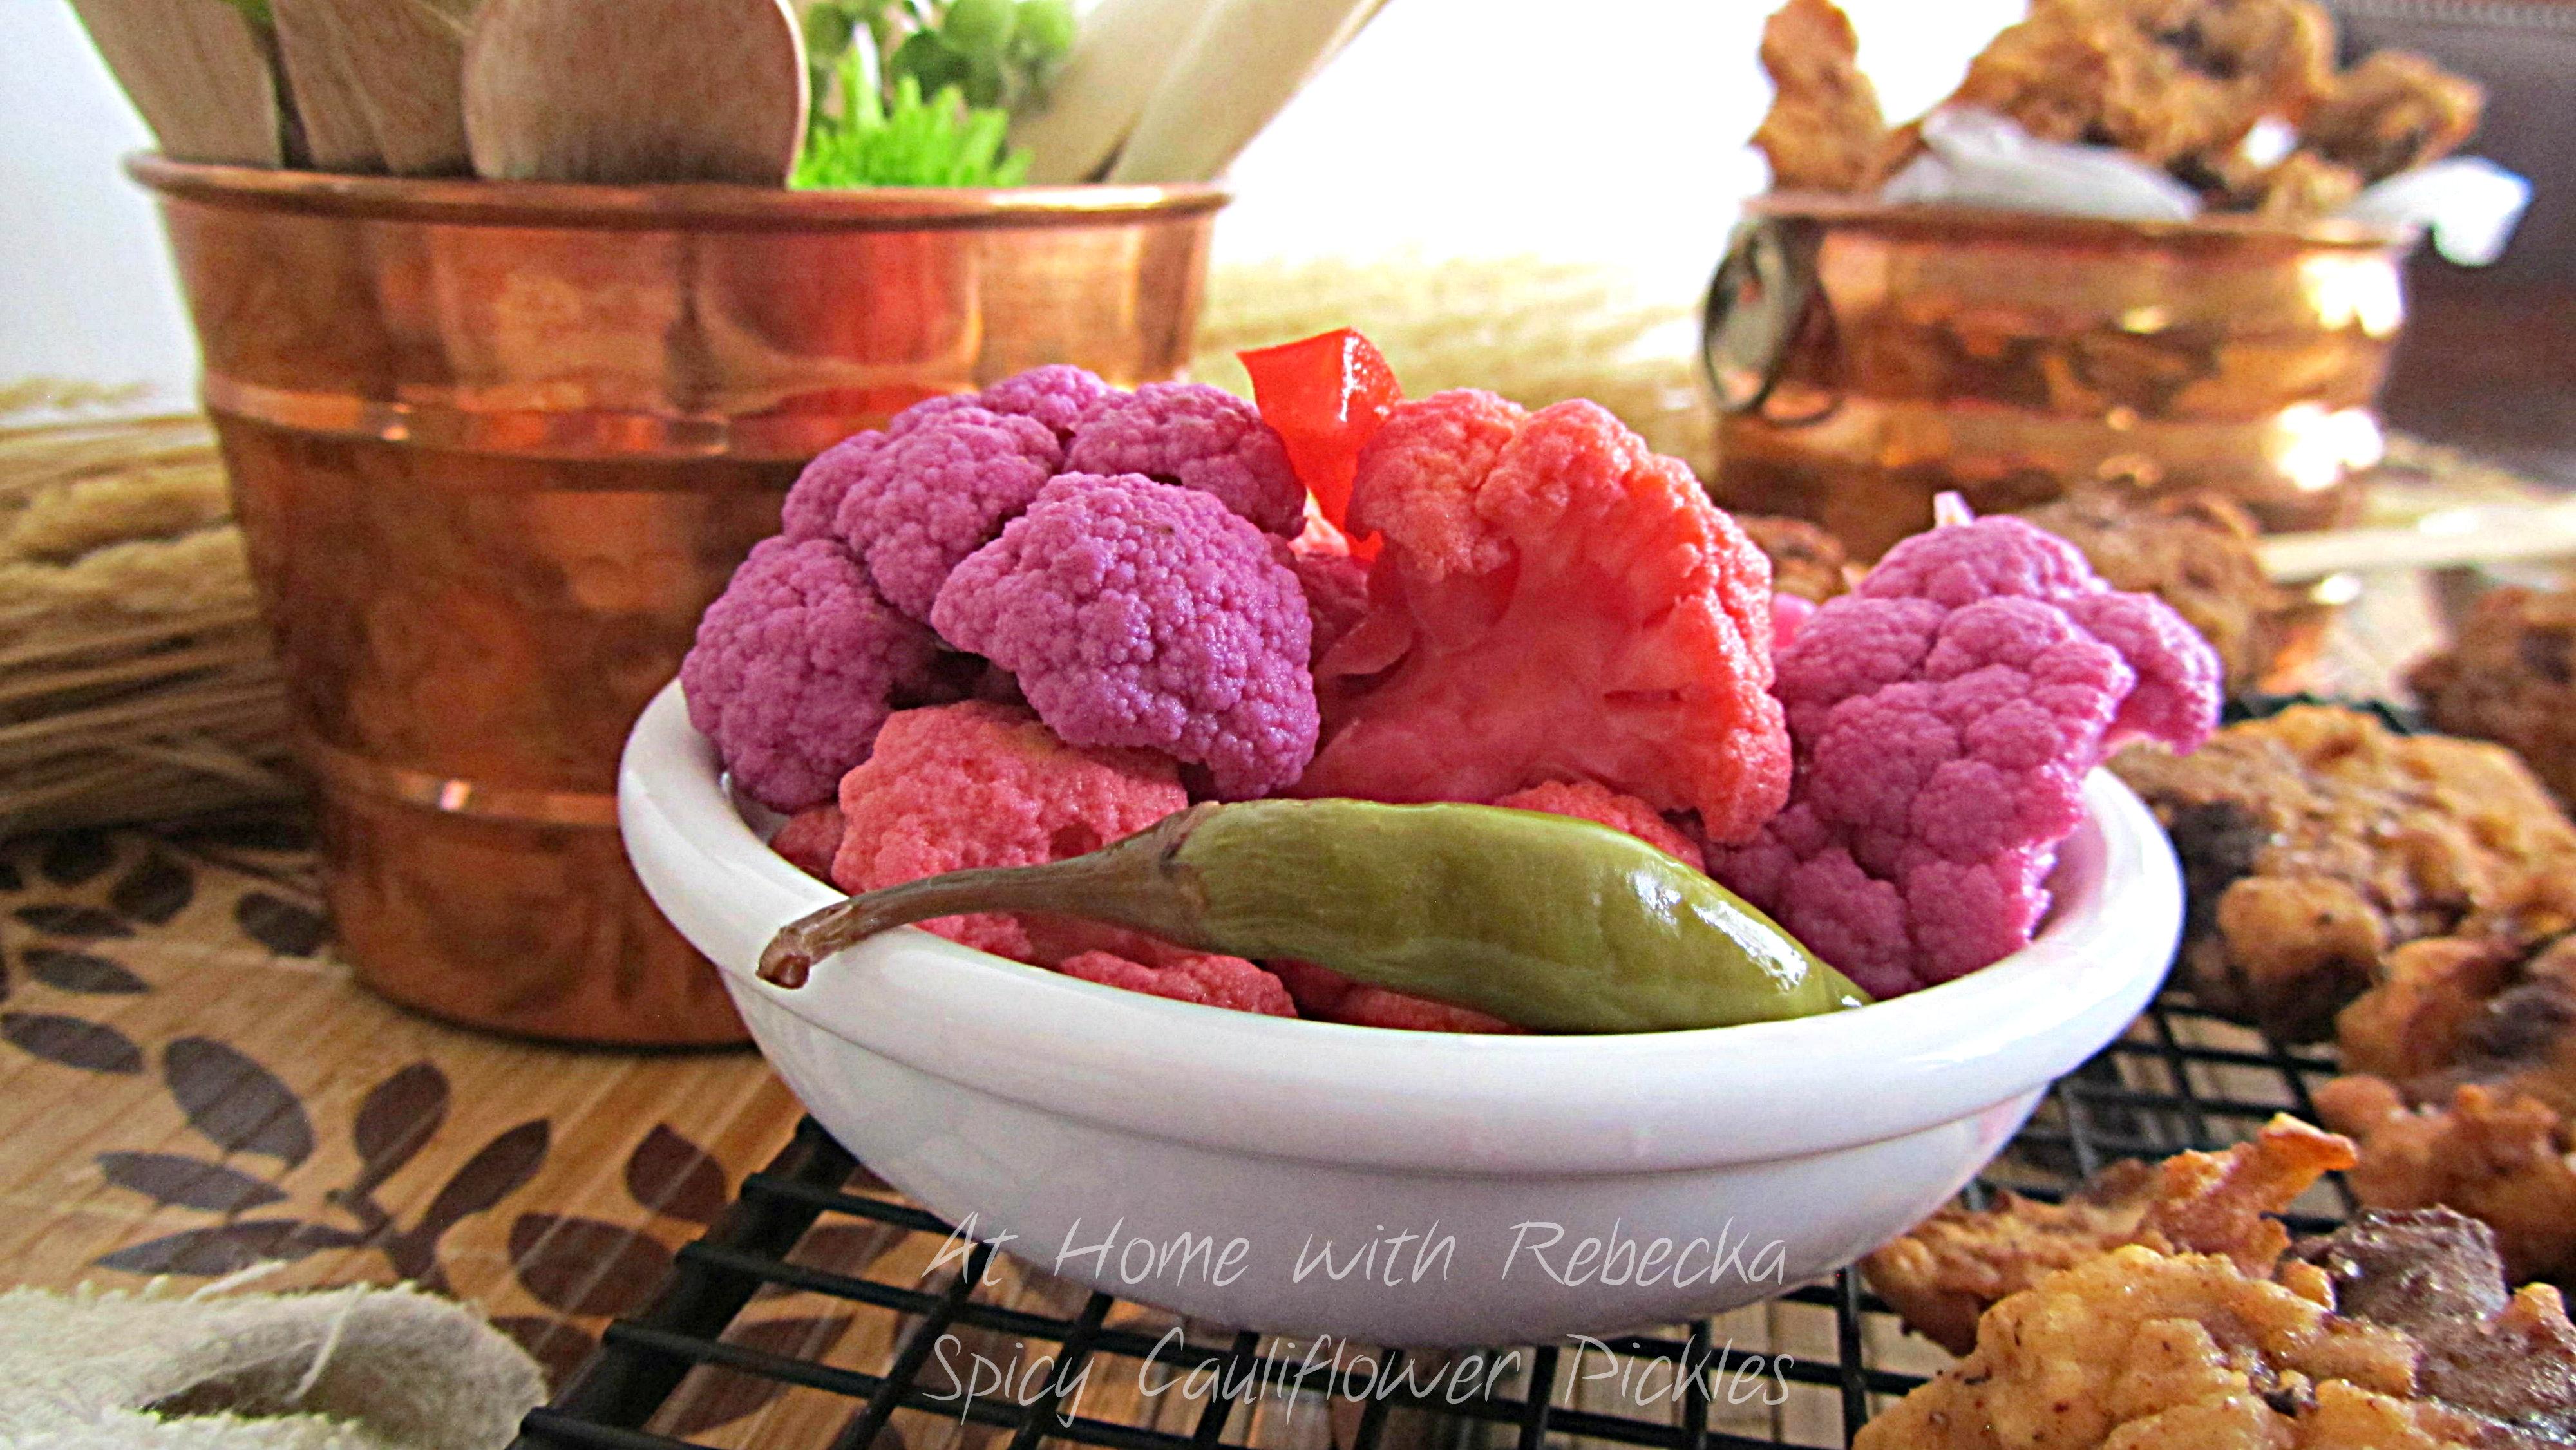 Spicy Cauliflower Pickles